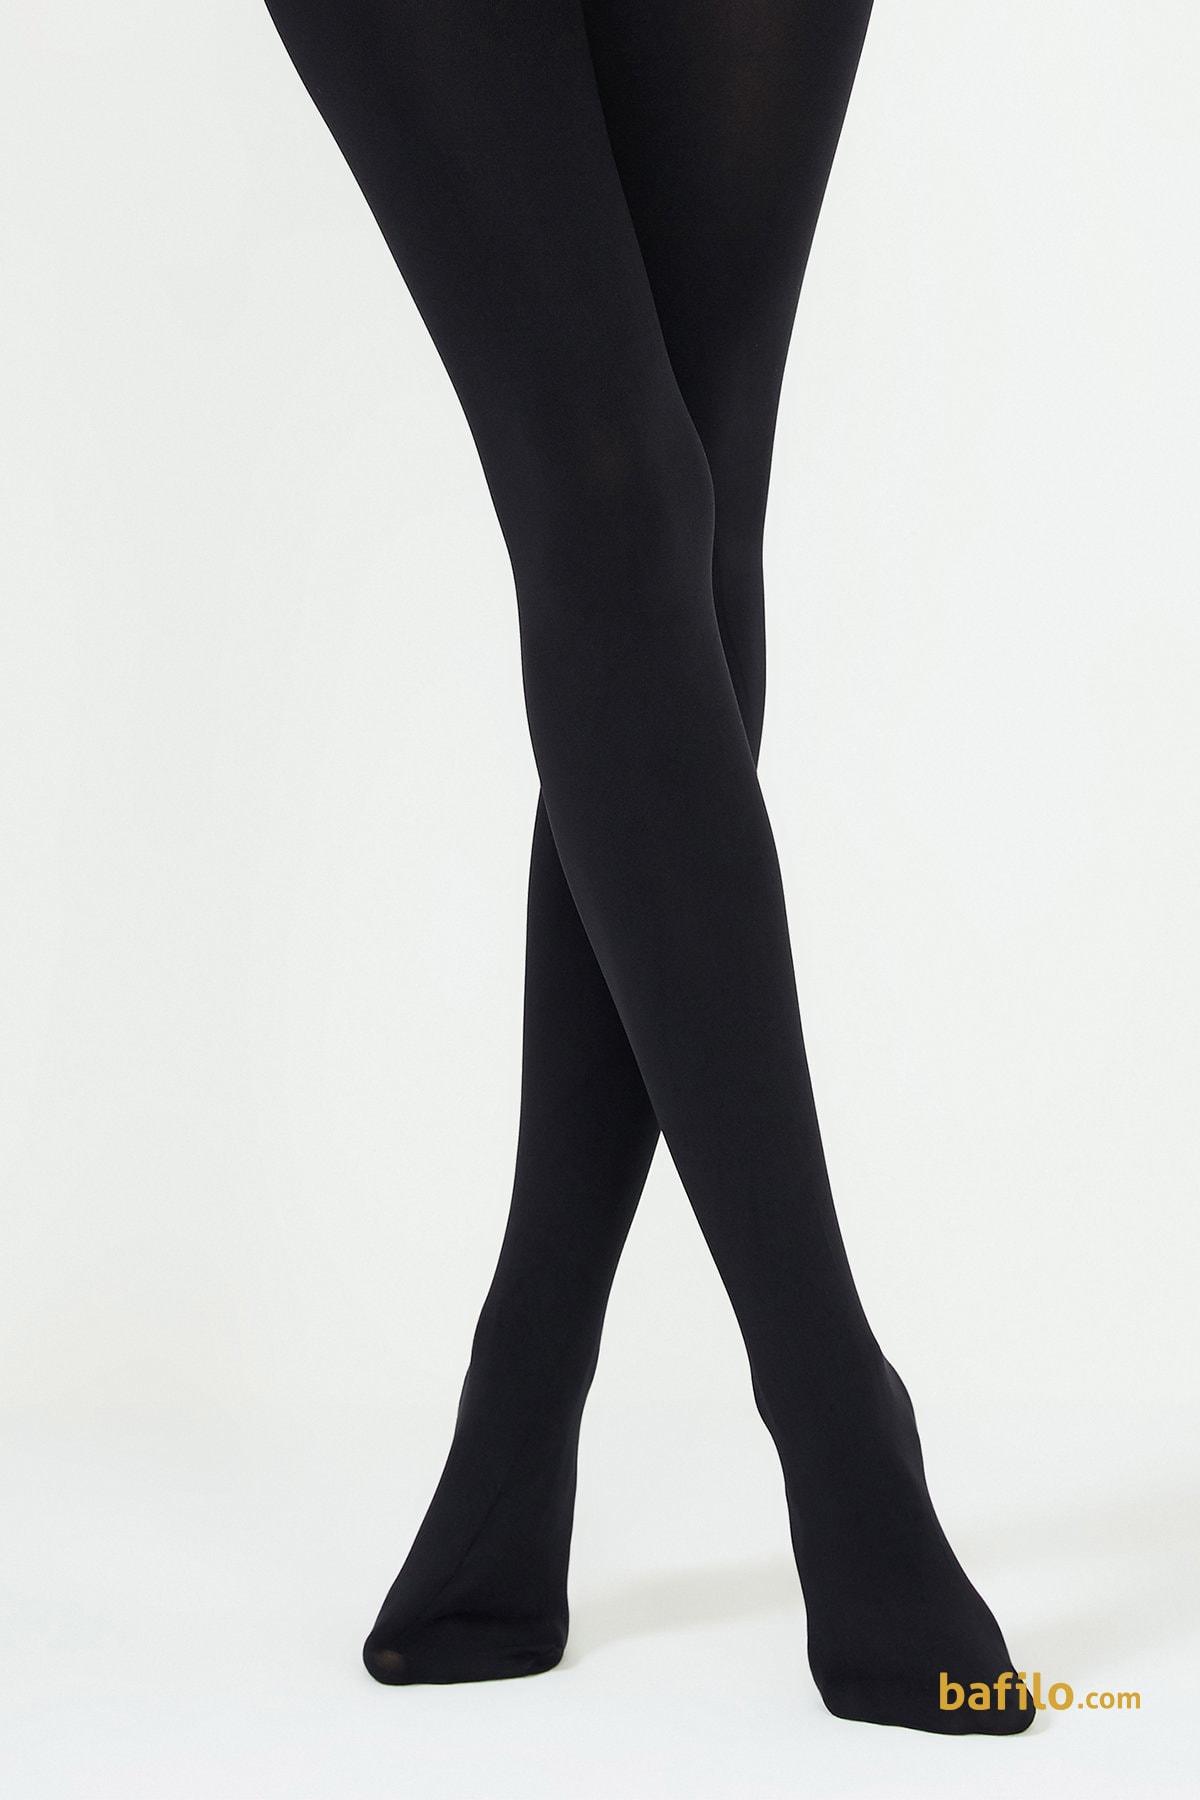 پنتی | Penti - جوراب شلواری ضخیم زنانه پنتی  Mikro 200 مشکی